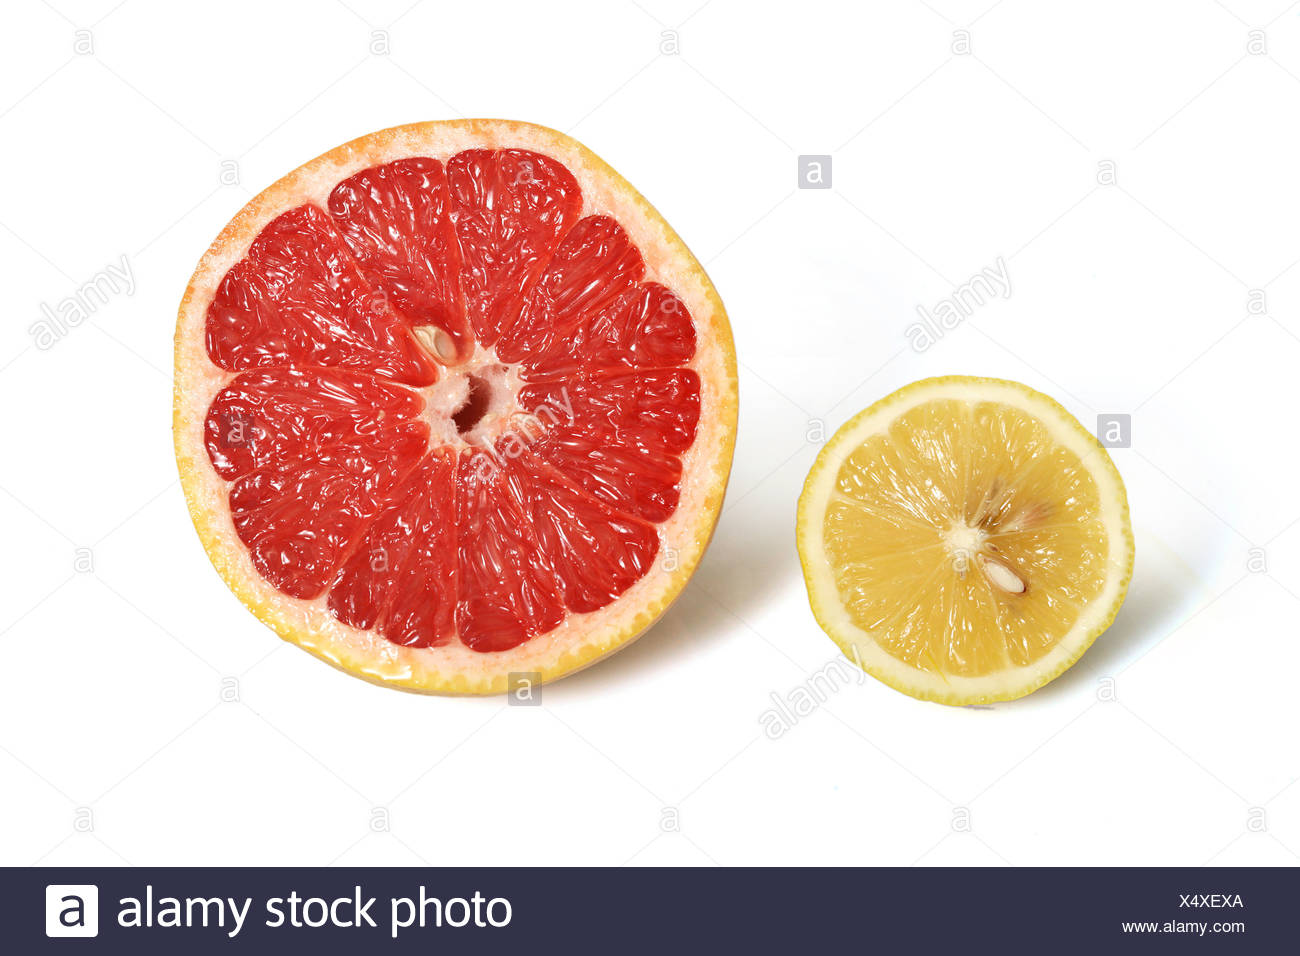 Fruits,Still Life Photo Stock